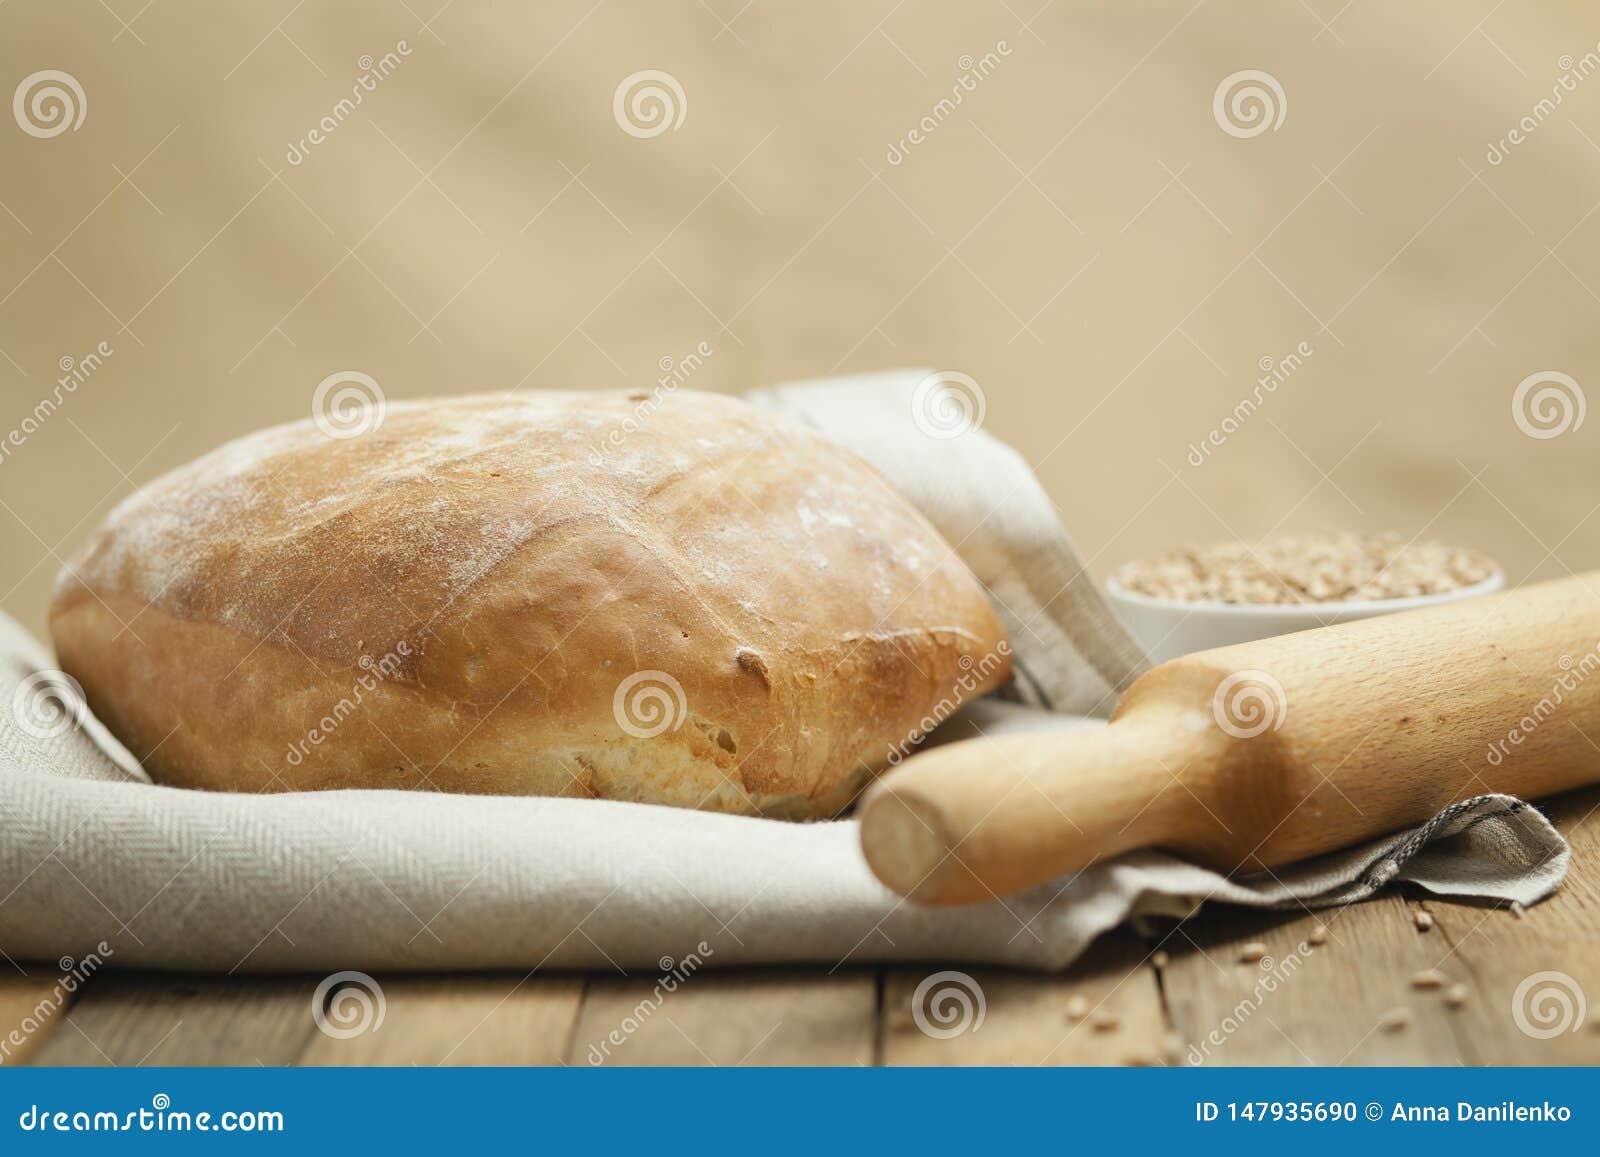 Pão luxúria em uma toalha